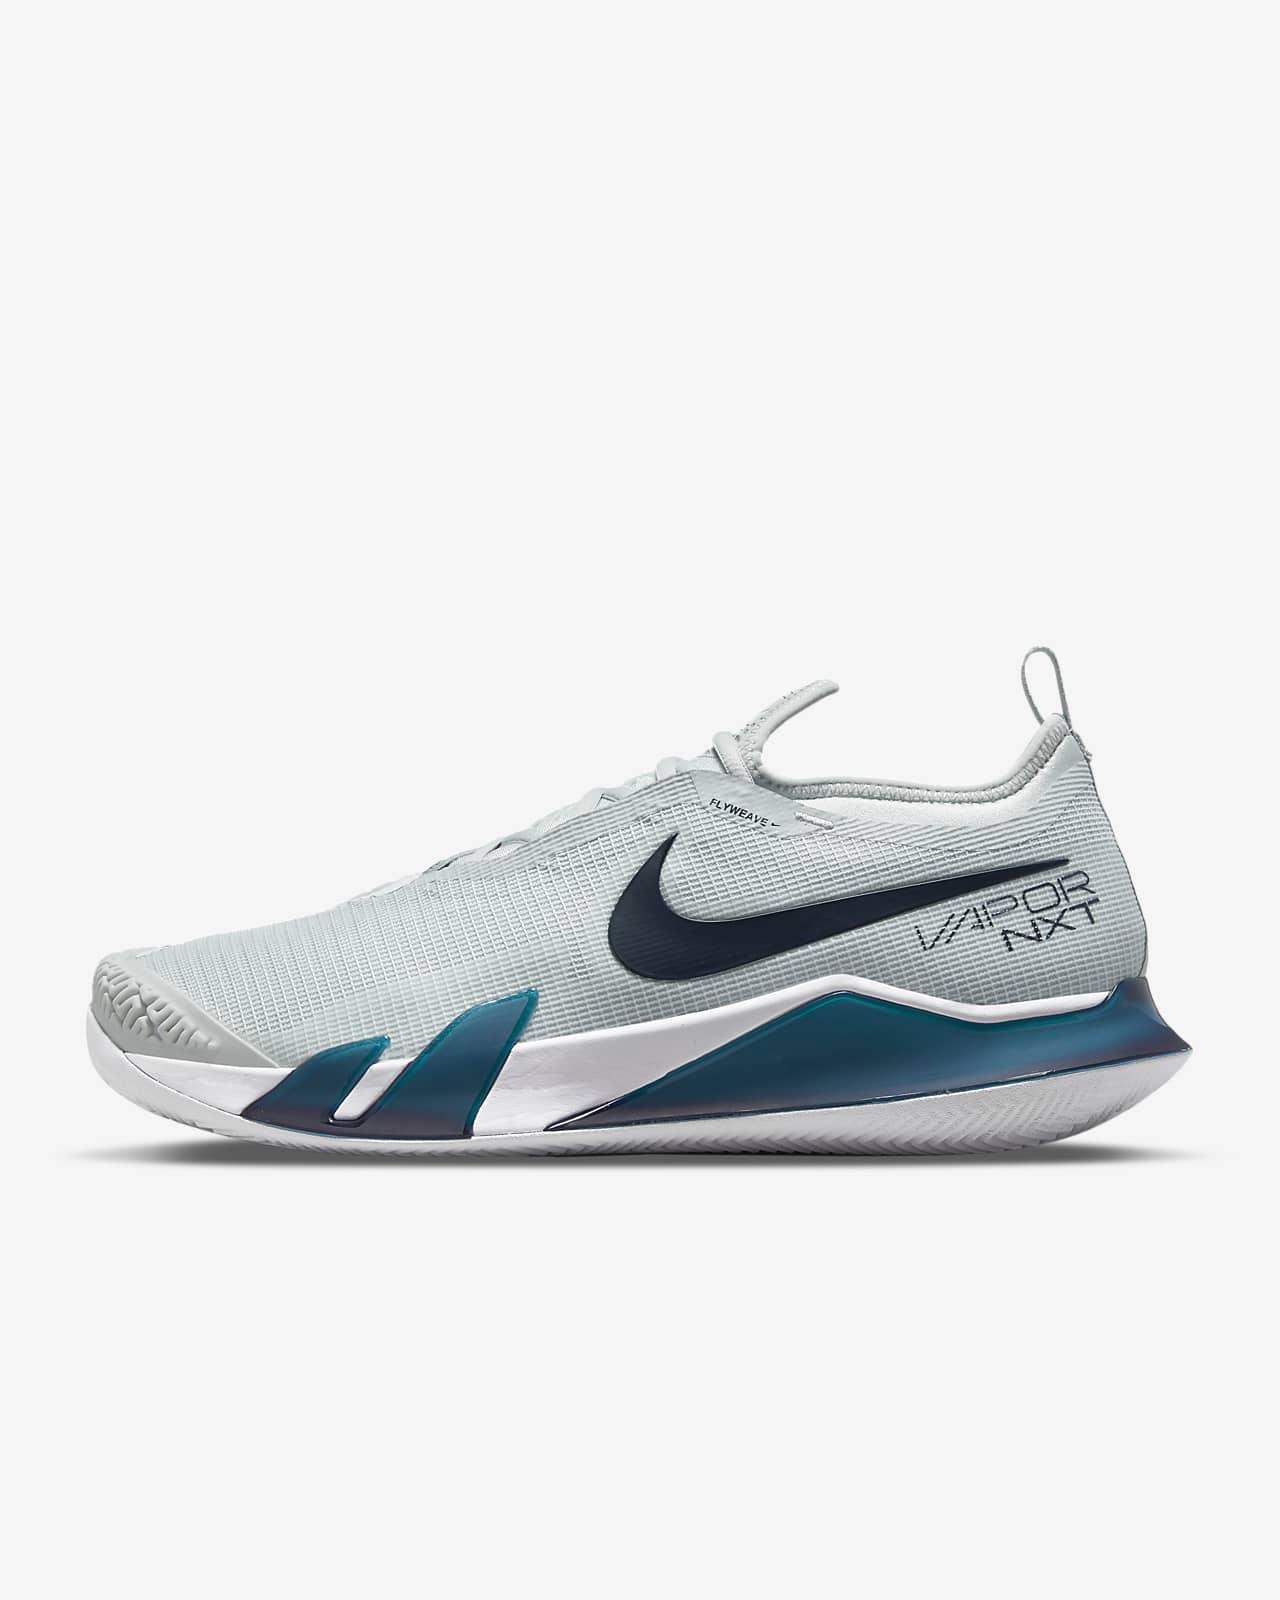 Chaussure de tennis pour terre battue NikeCourt React Vapor NXT pour Homme